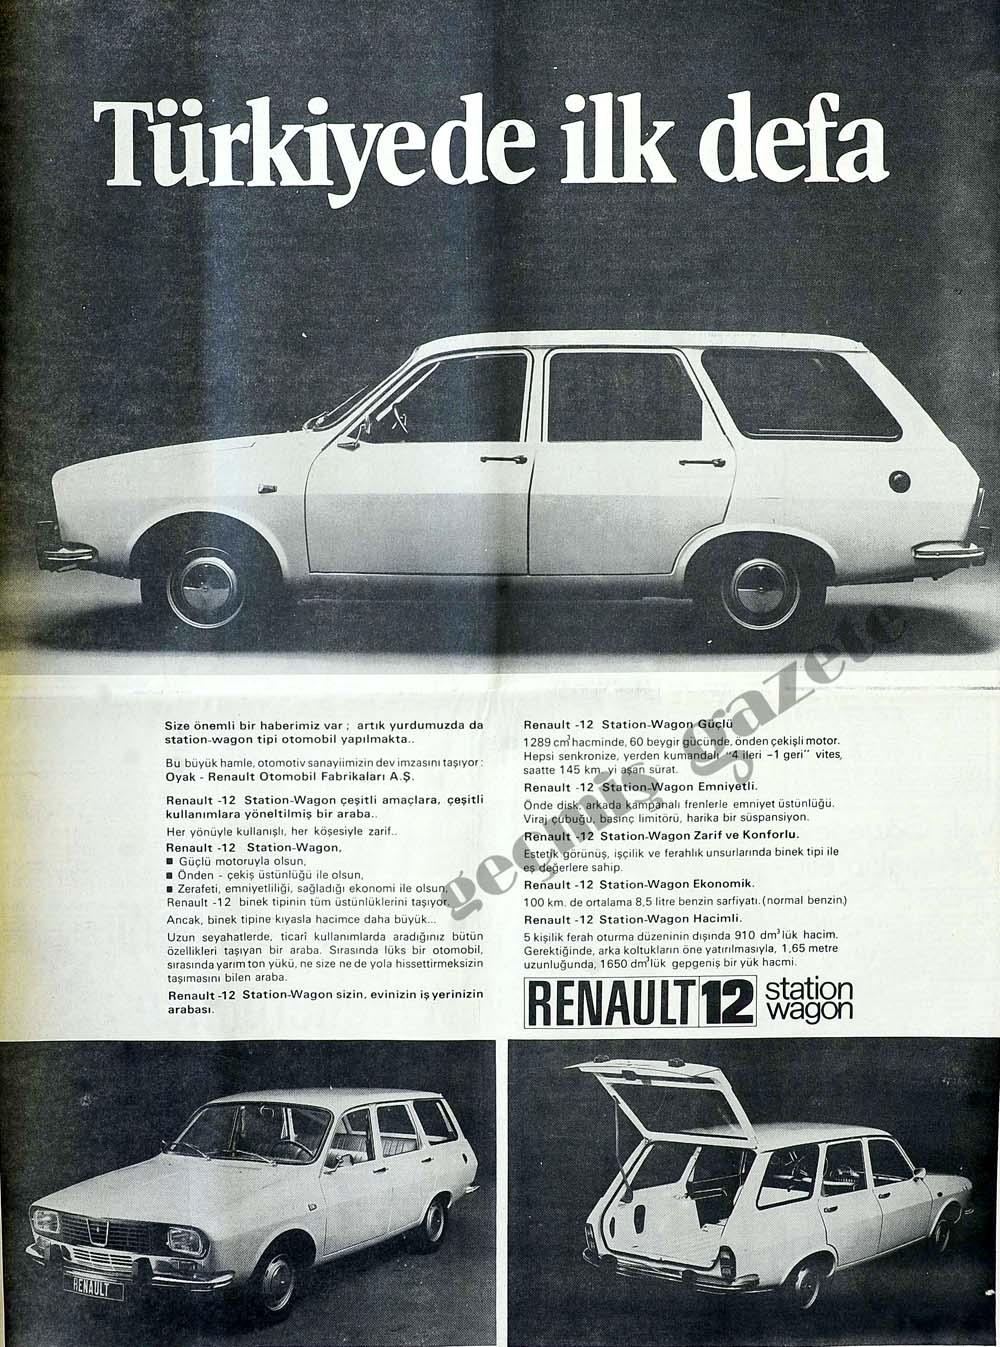 Önemli bir haberimiz var: artık yurdumuzda da station-wagon tipi otomobil yapılmakta..